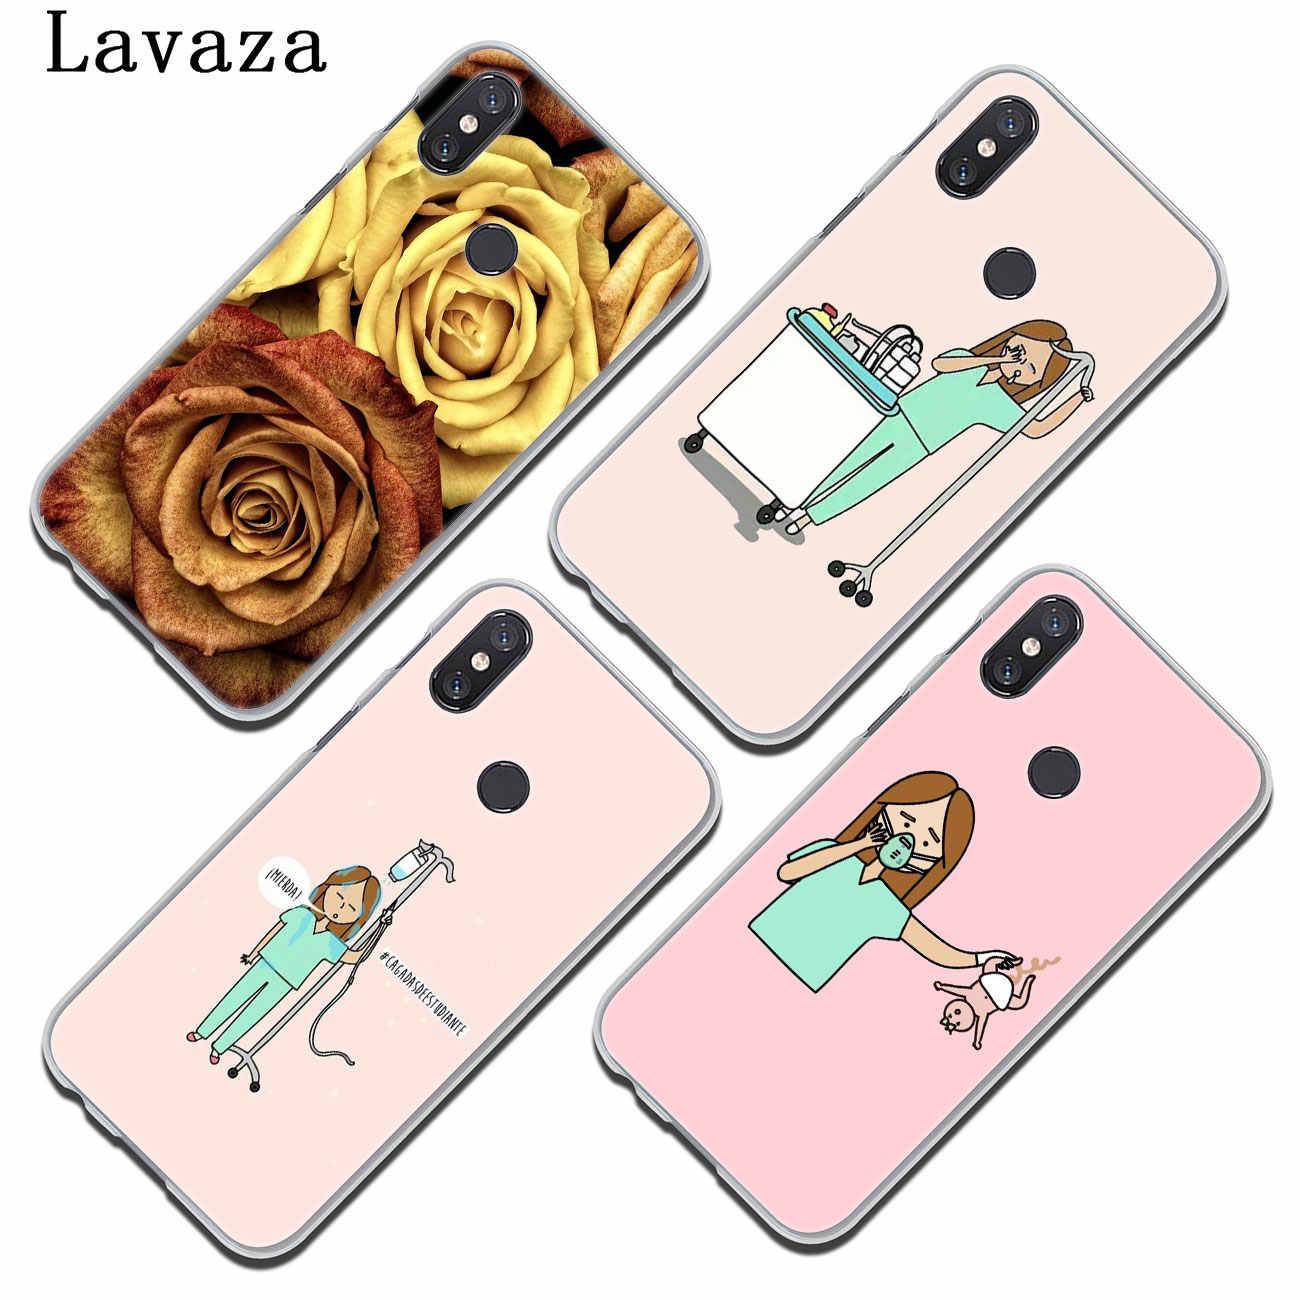 Lavaza Del Fumetto Medico Infermiere di Modo Caldo Divertimento Dinamico Dura Del Telefono per il Caso di Xiaomi Redmi K20 8A 7A 5A 6A Nota 8 7 5 6 Pro 4 4X